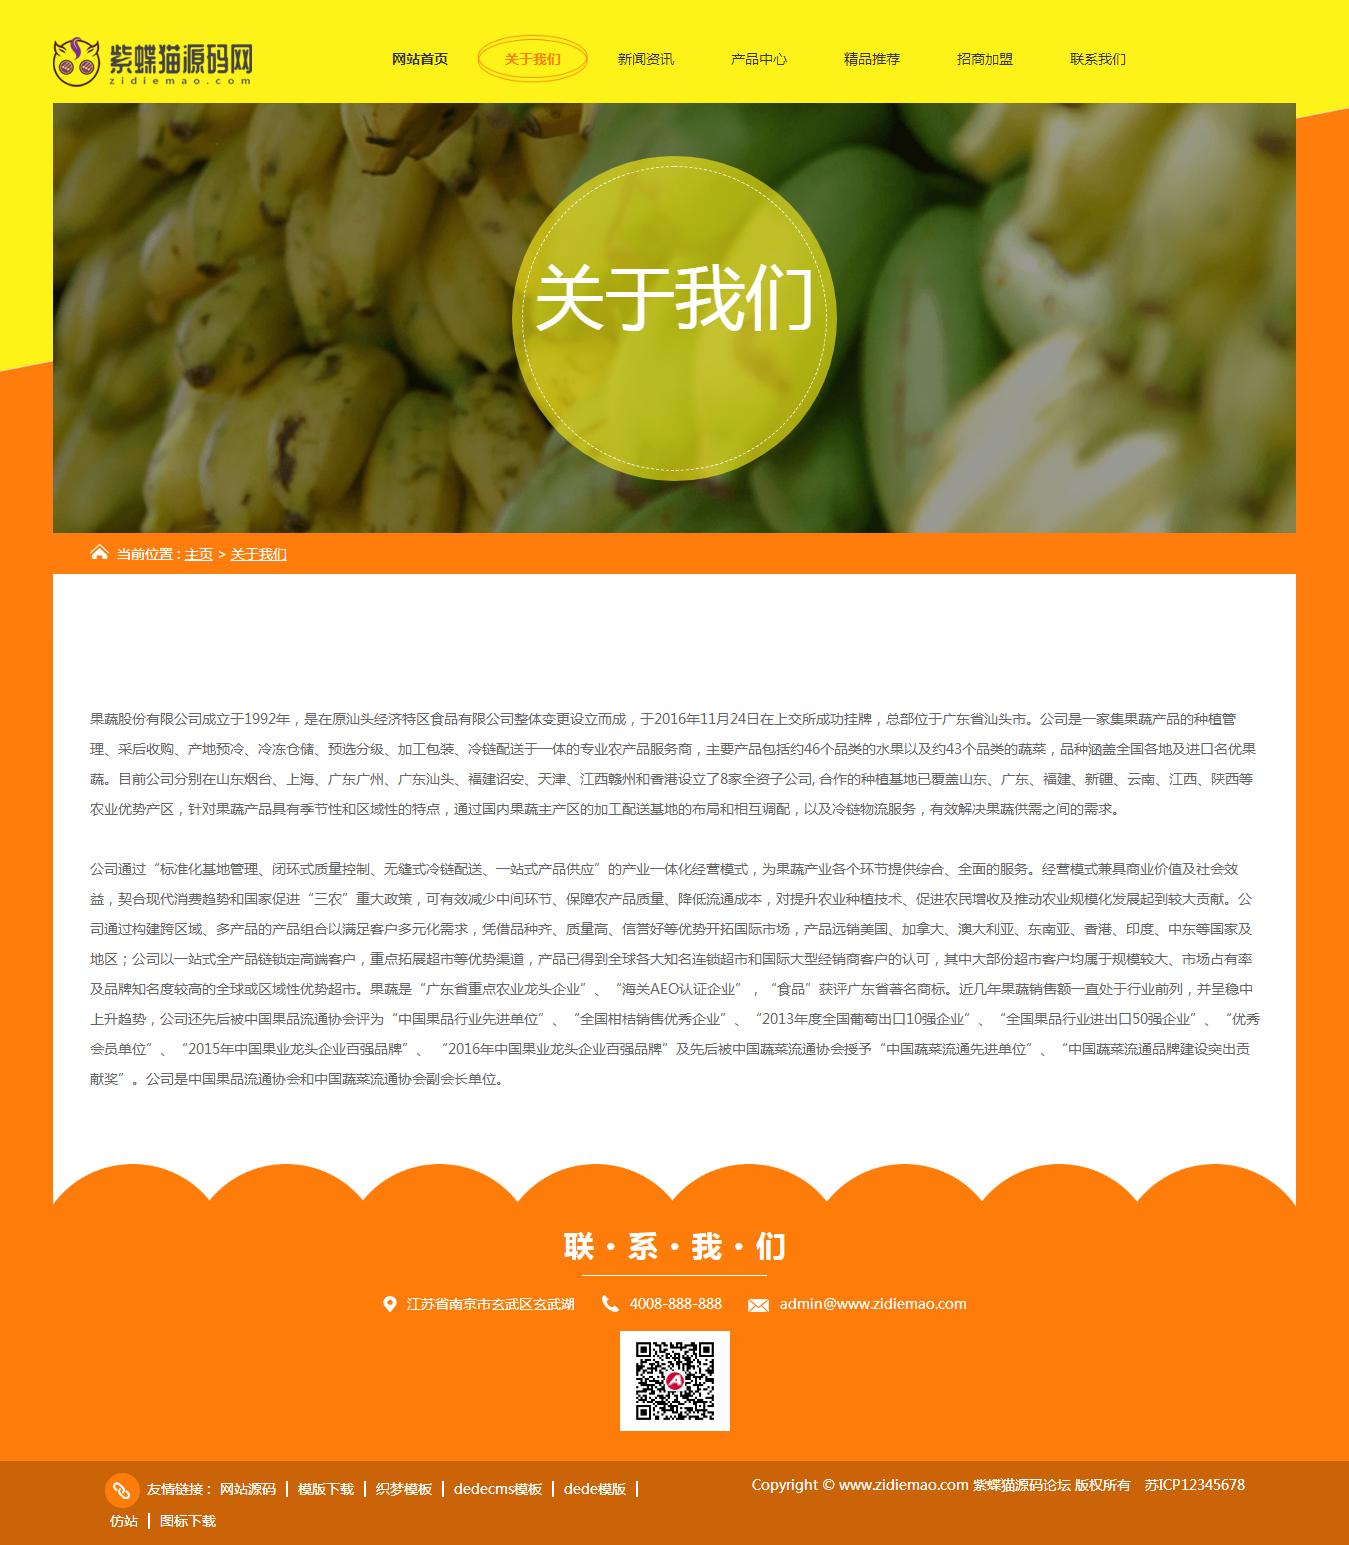 水果批发网站模板